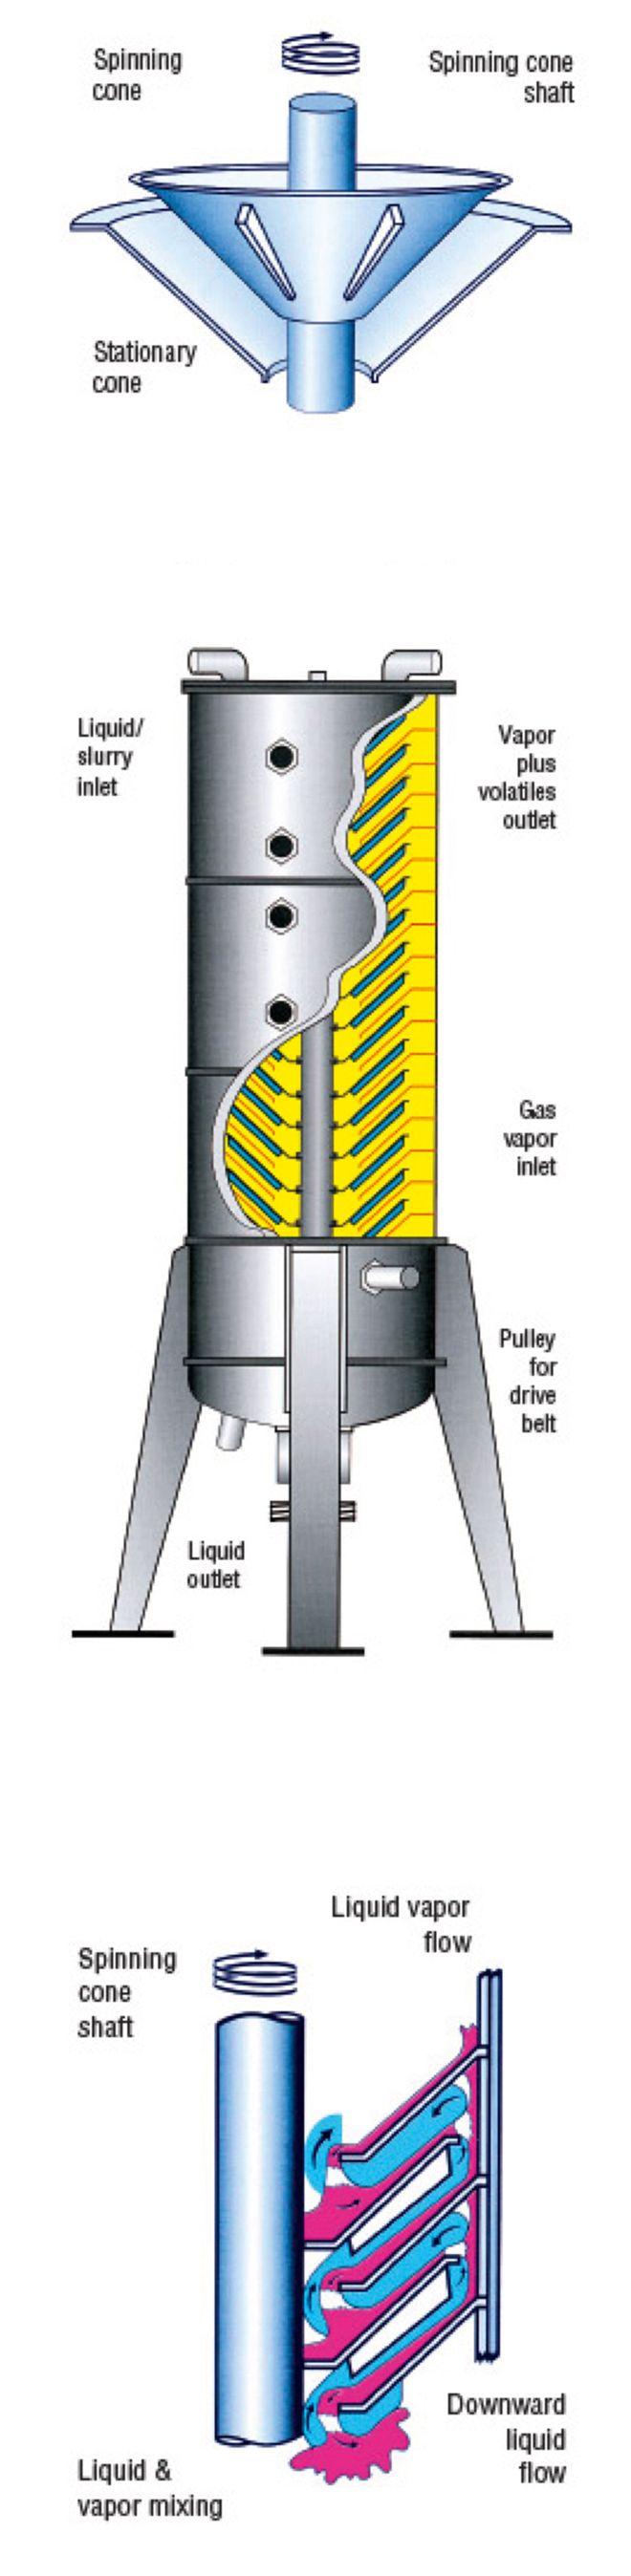 La technique de désalcoolisation utilisant une colonne à cônes rotatifs permet de conserver l'intégralité des arômes du vin présent dans la matrice avant le traitement. Les vins à traiter sont apportés dans des sites industriels dédiés pour être désalcoolisés.